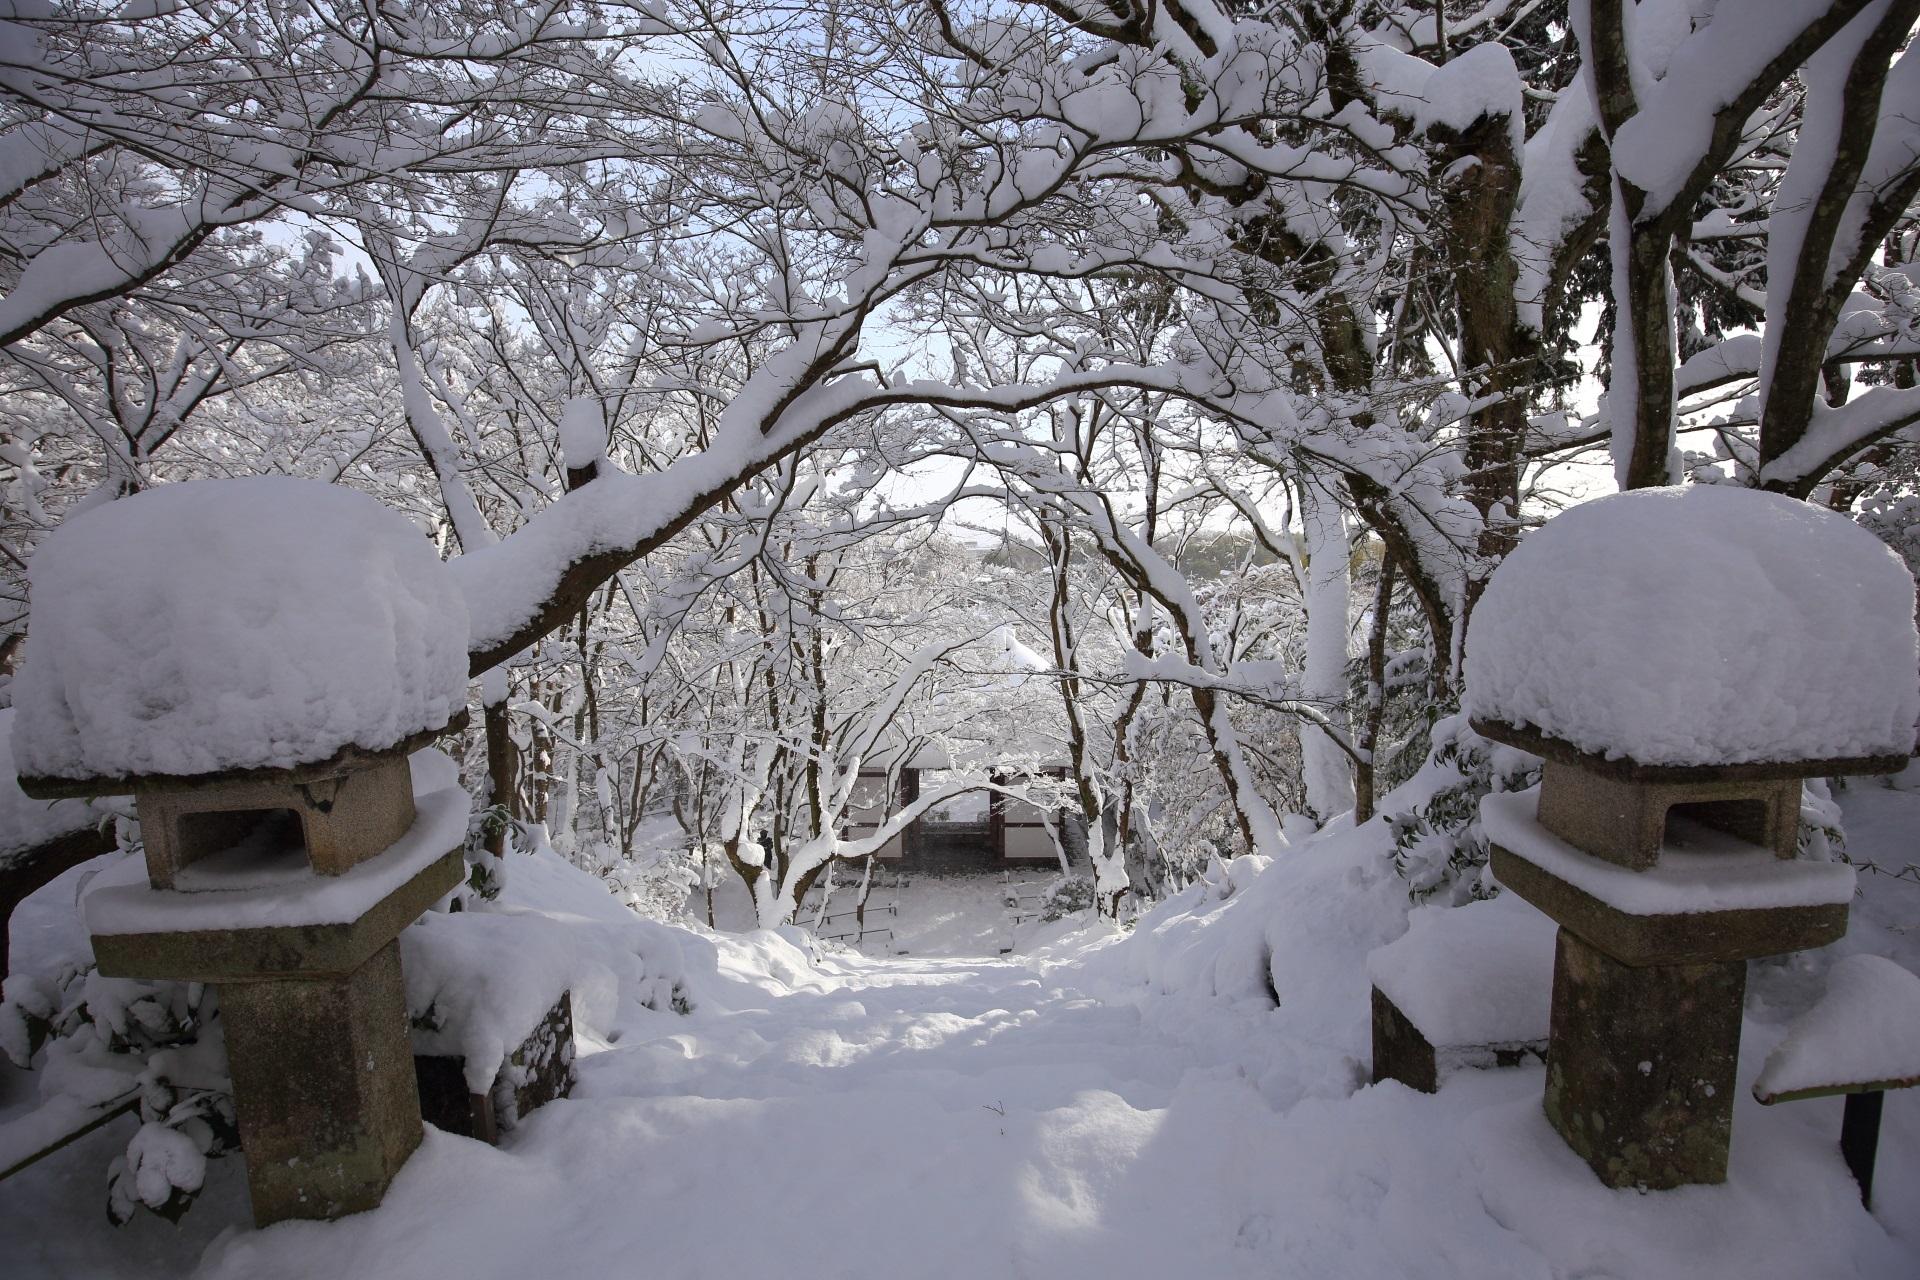 常寂光寺 雪 京都奥嵯峨の絶品の雪景色